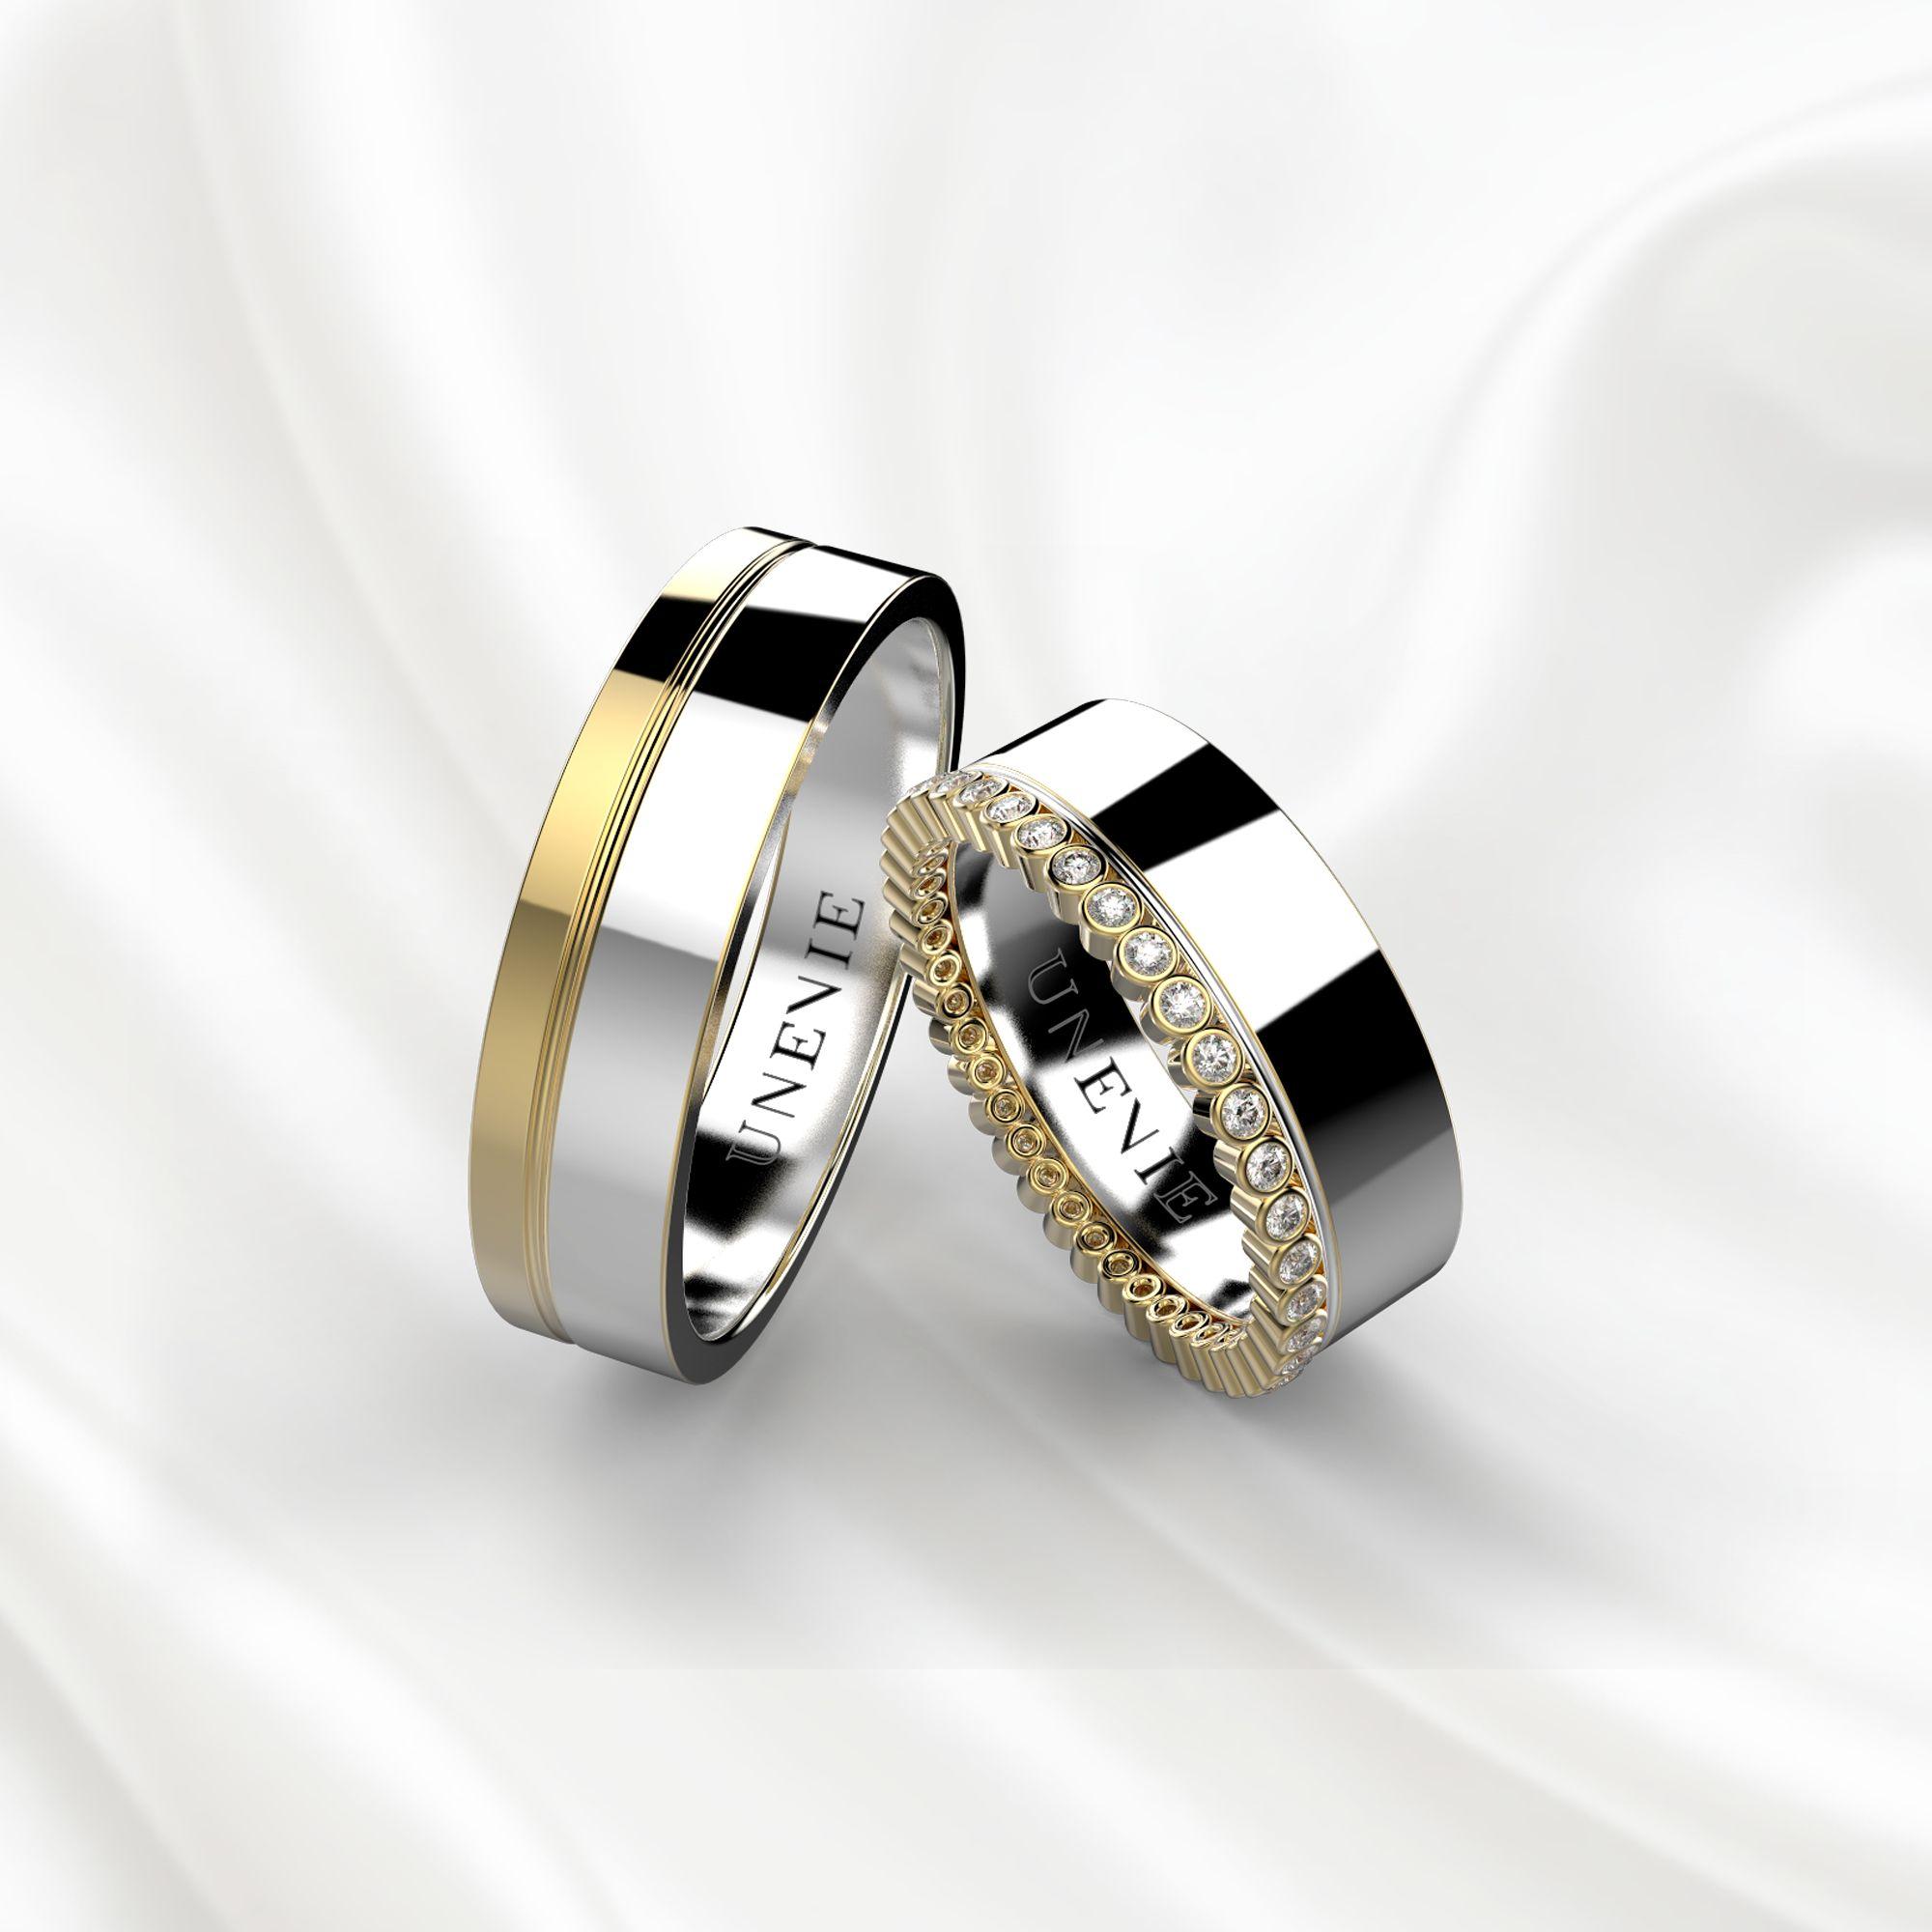 Парные обручальные кольца из желто-белого золота с бриллиантами